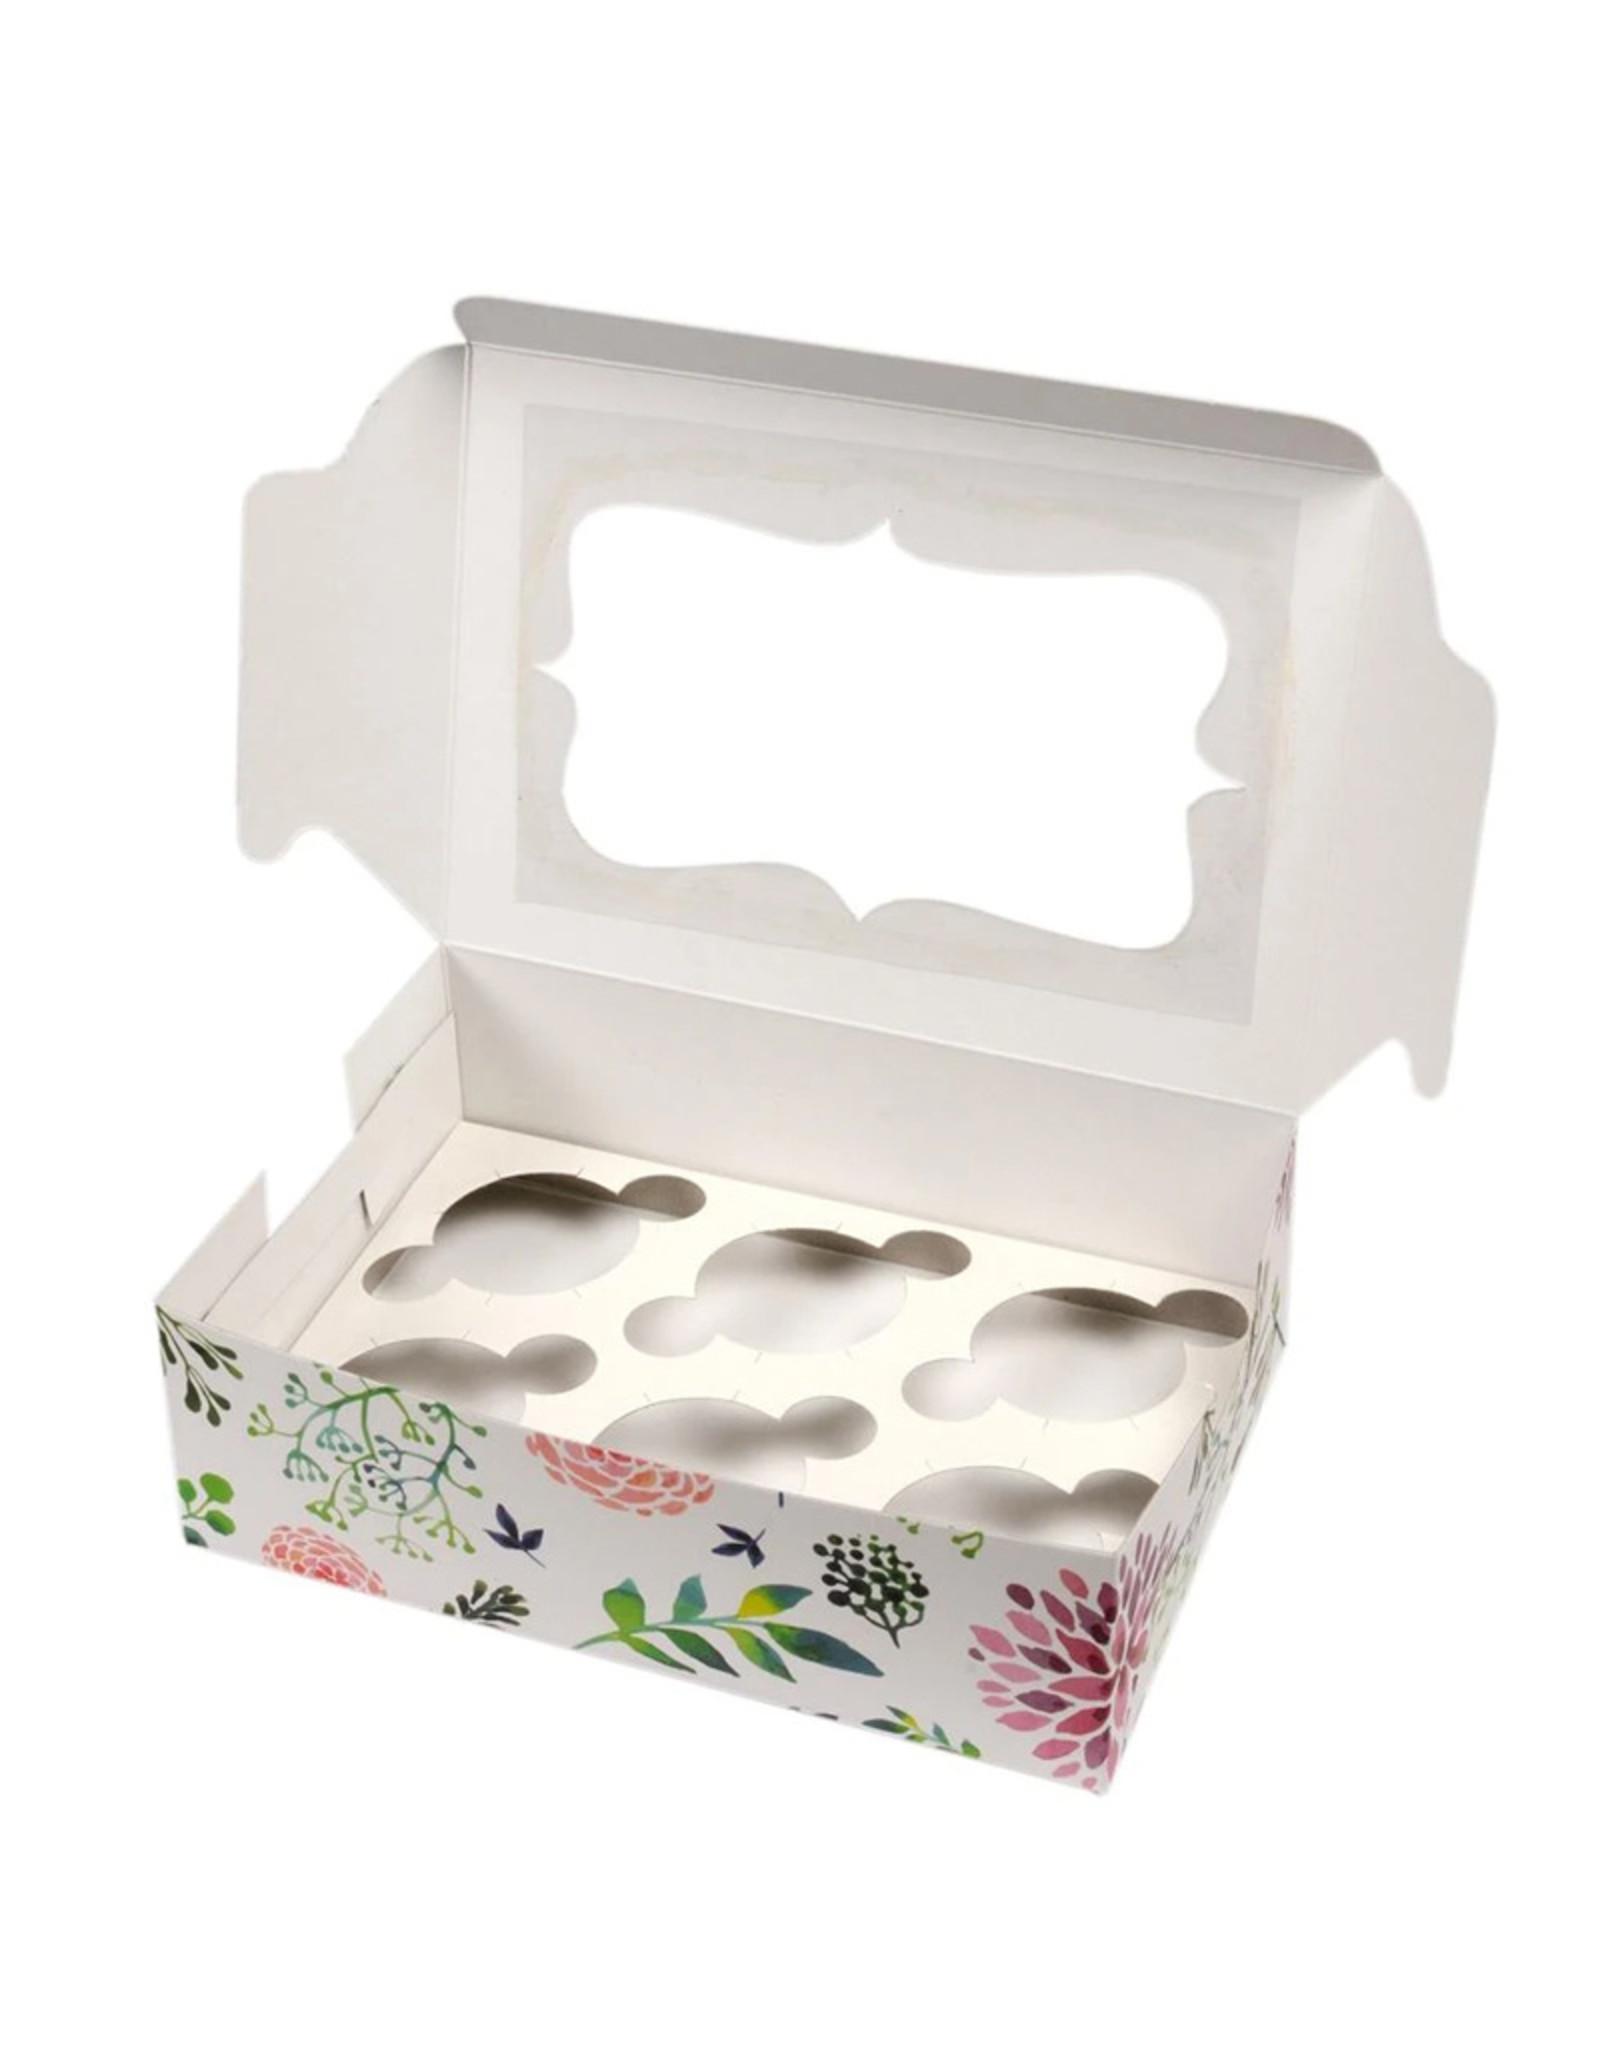 Fleurige doos voor 6 cupcakes (per 10 stuks)